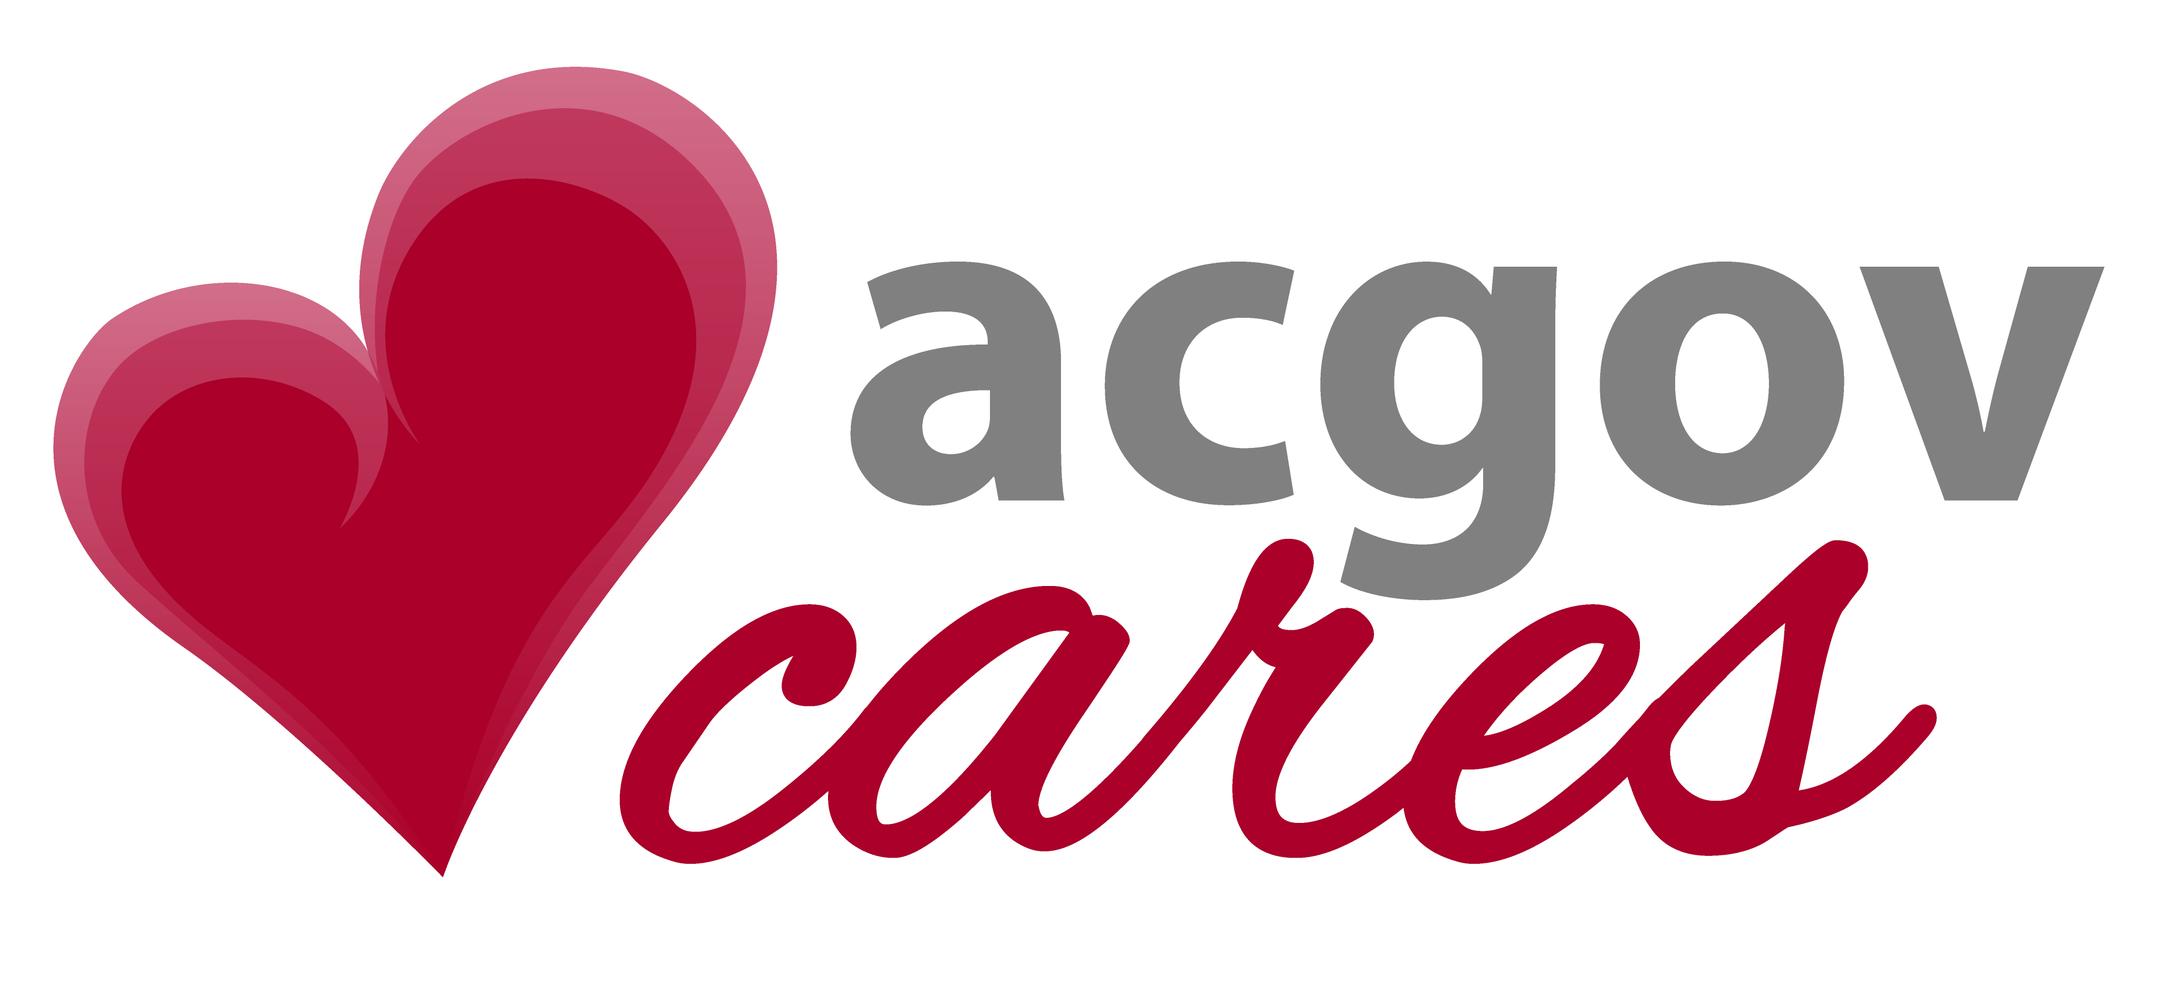 acgov-cares-logo.png